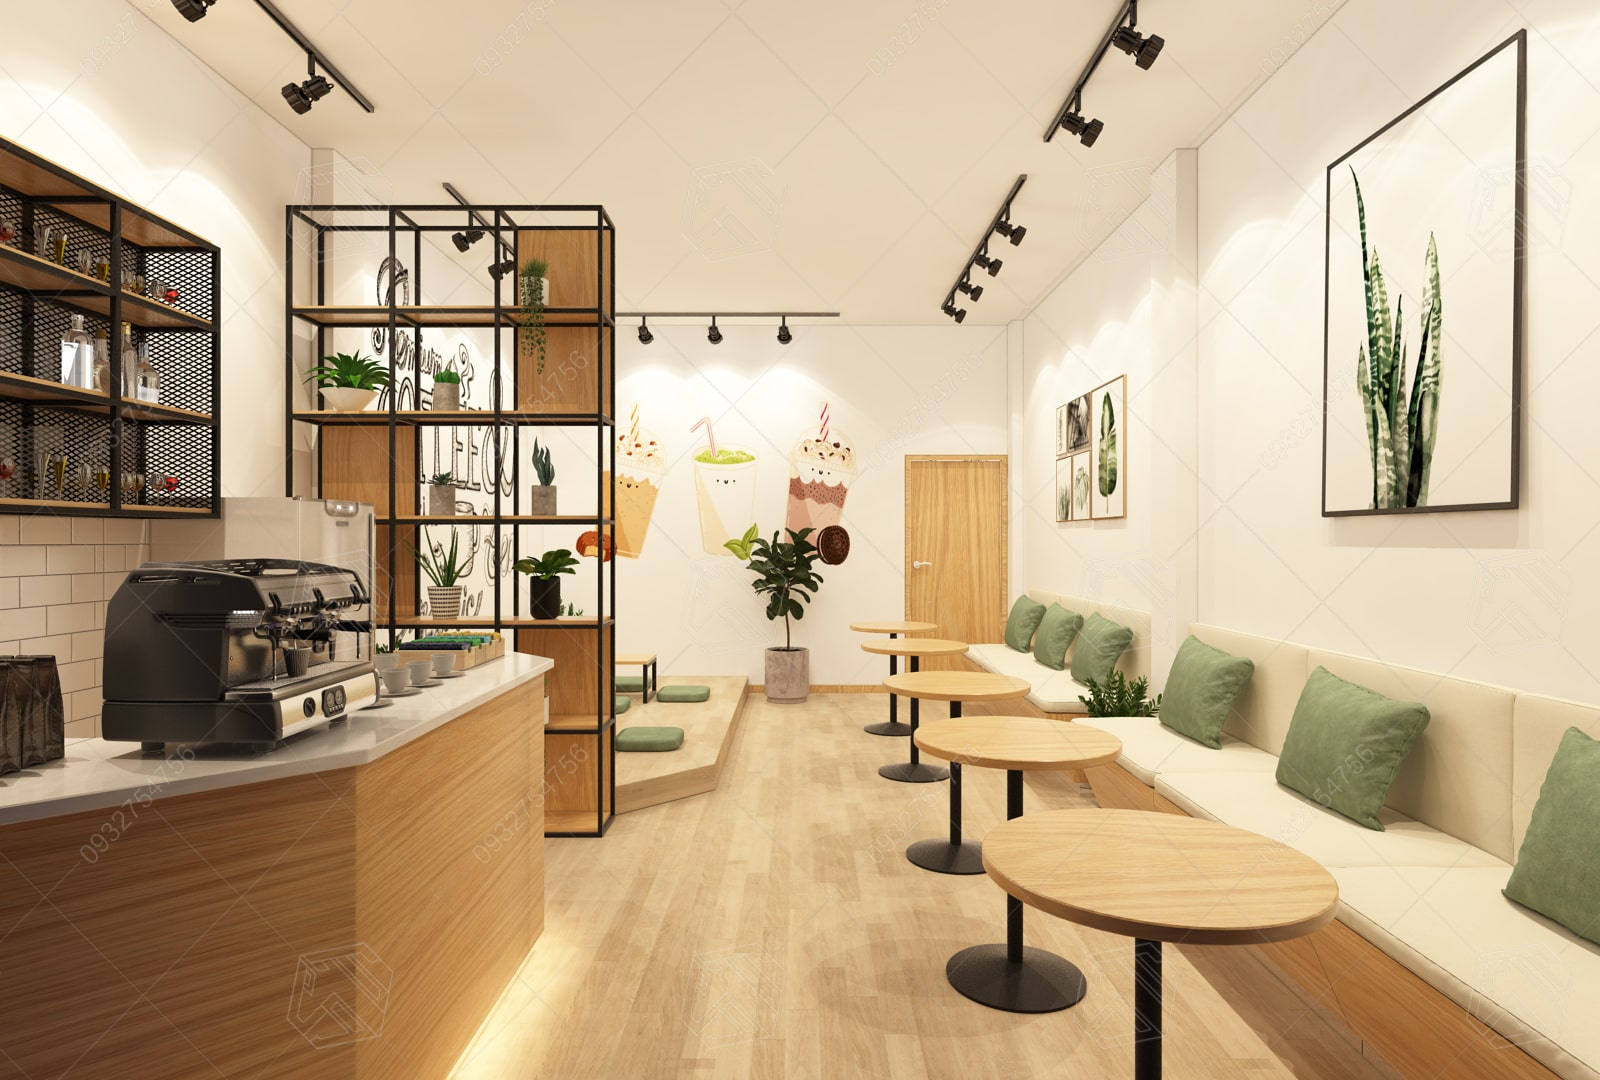 thiết kế quán trà sửa nhung